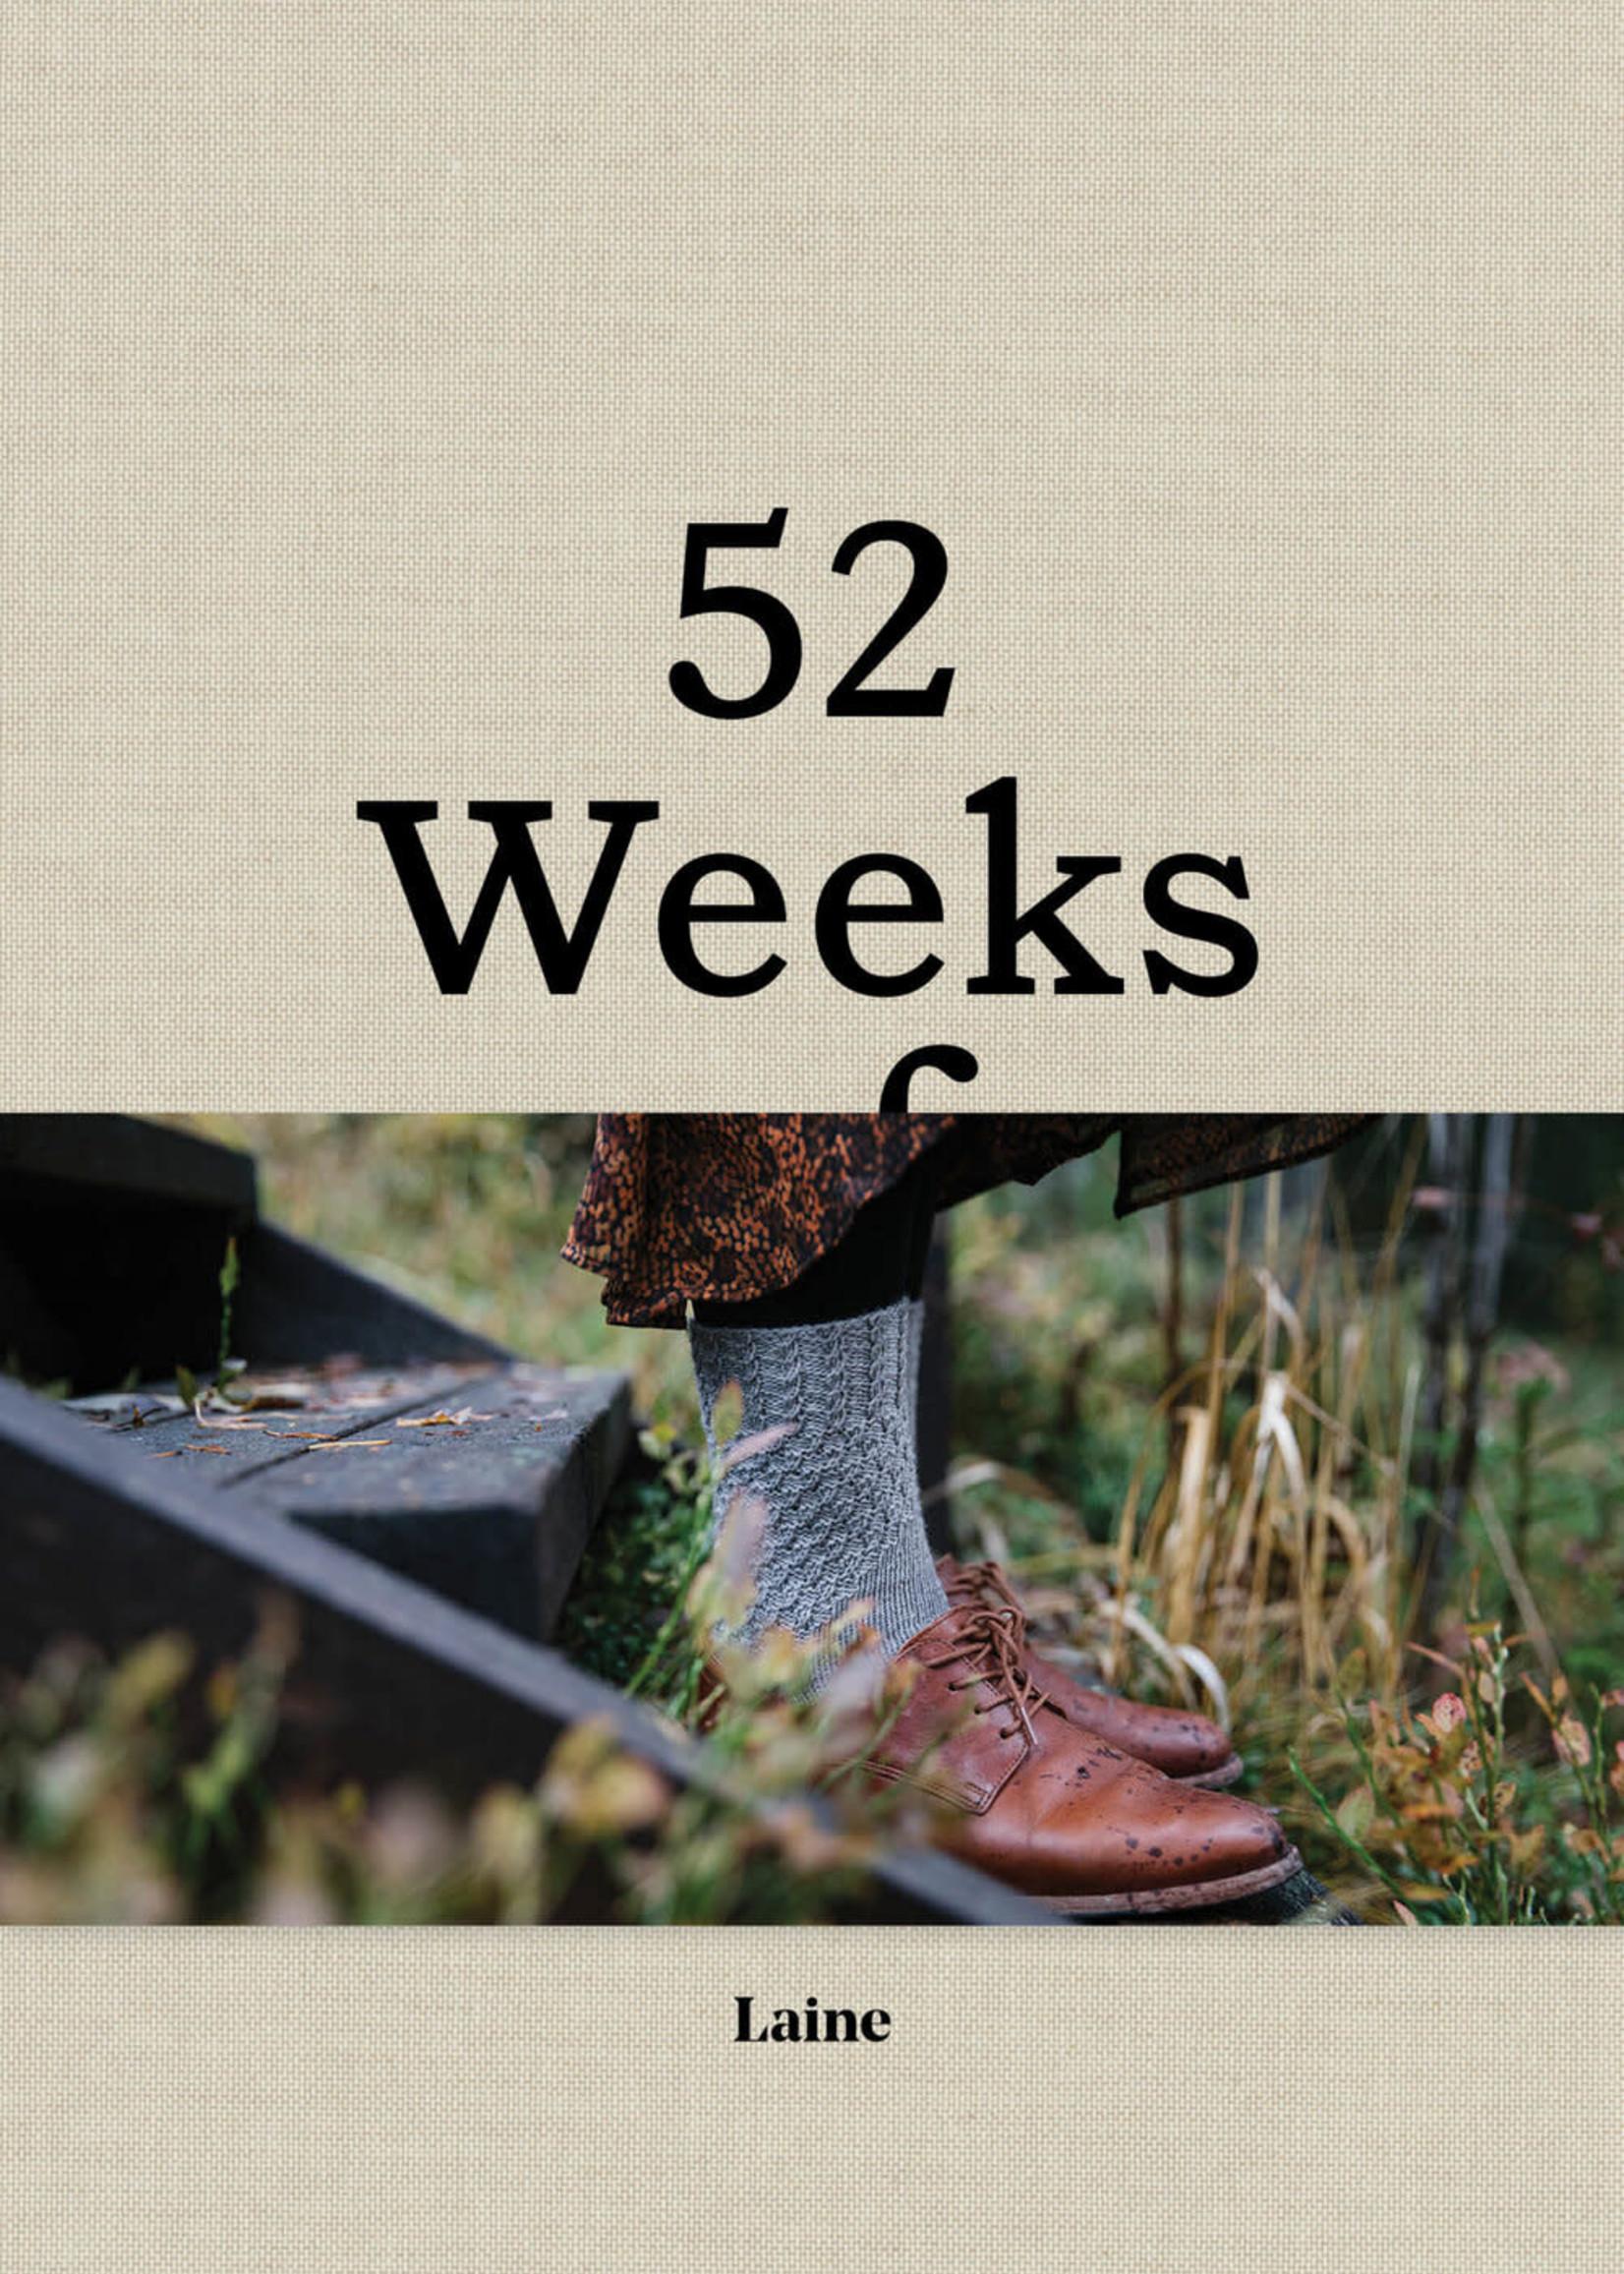 Laine Laine Press - 52 Weeks of Socks